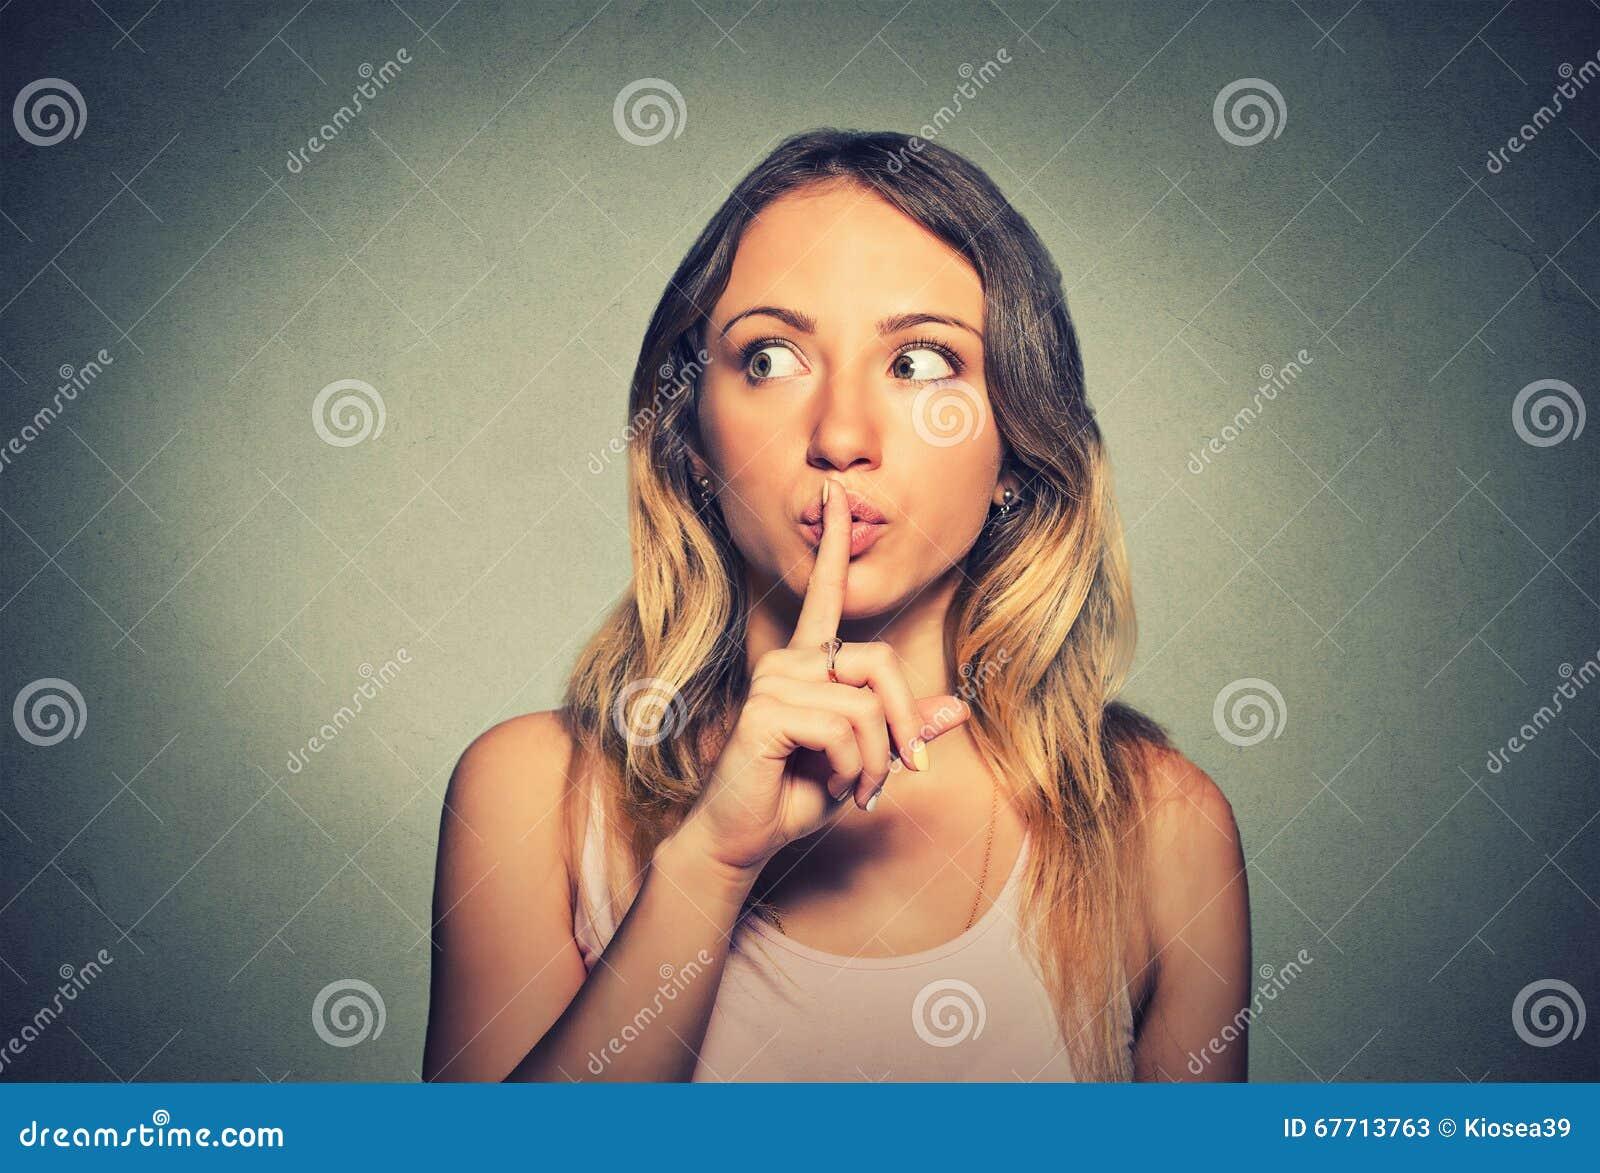 Skryta kobieta umieszcza palec na wargach pyta shh, zaciszność